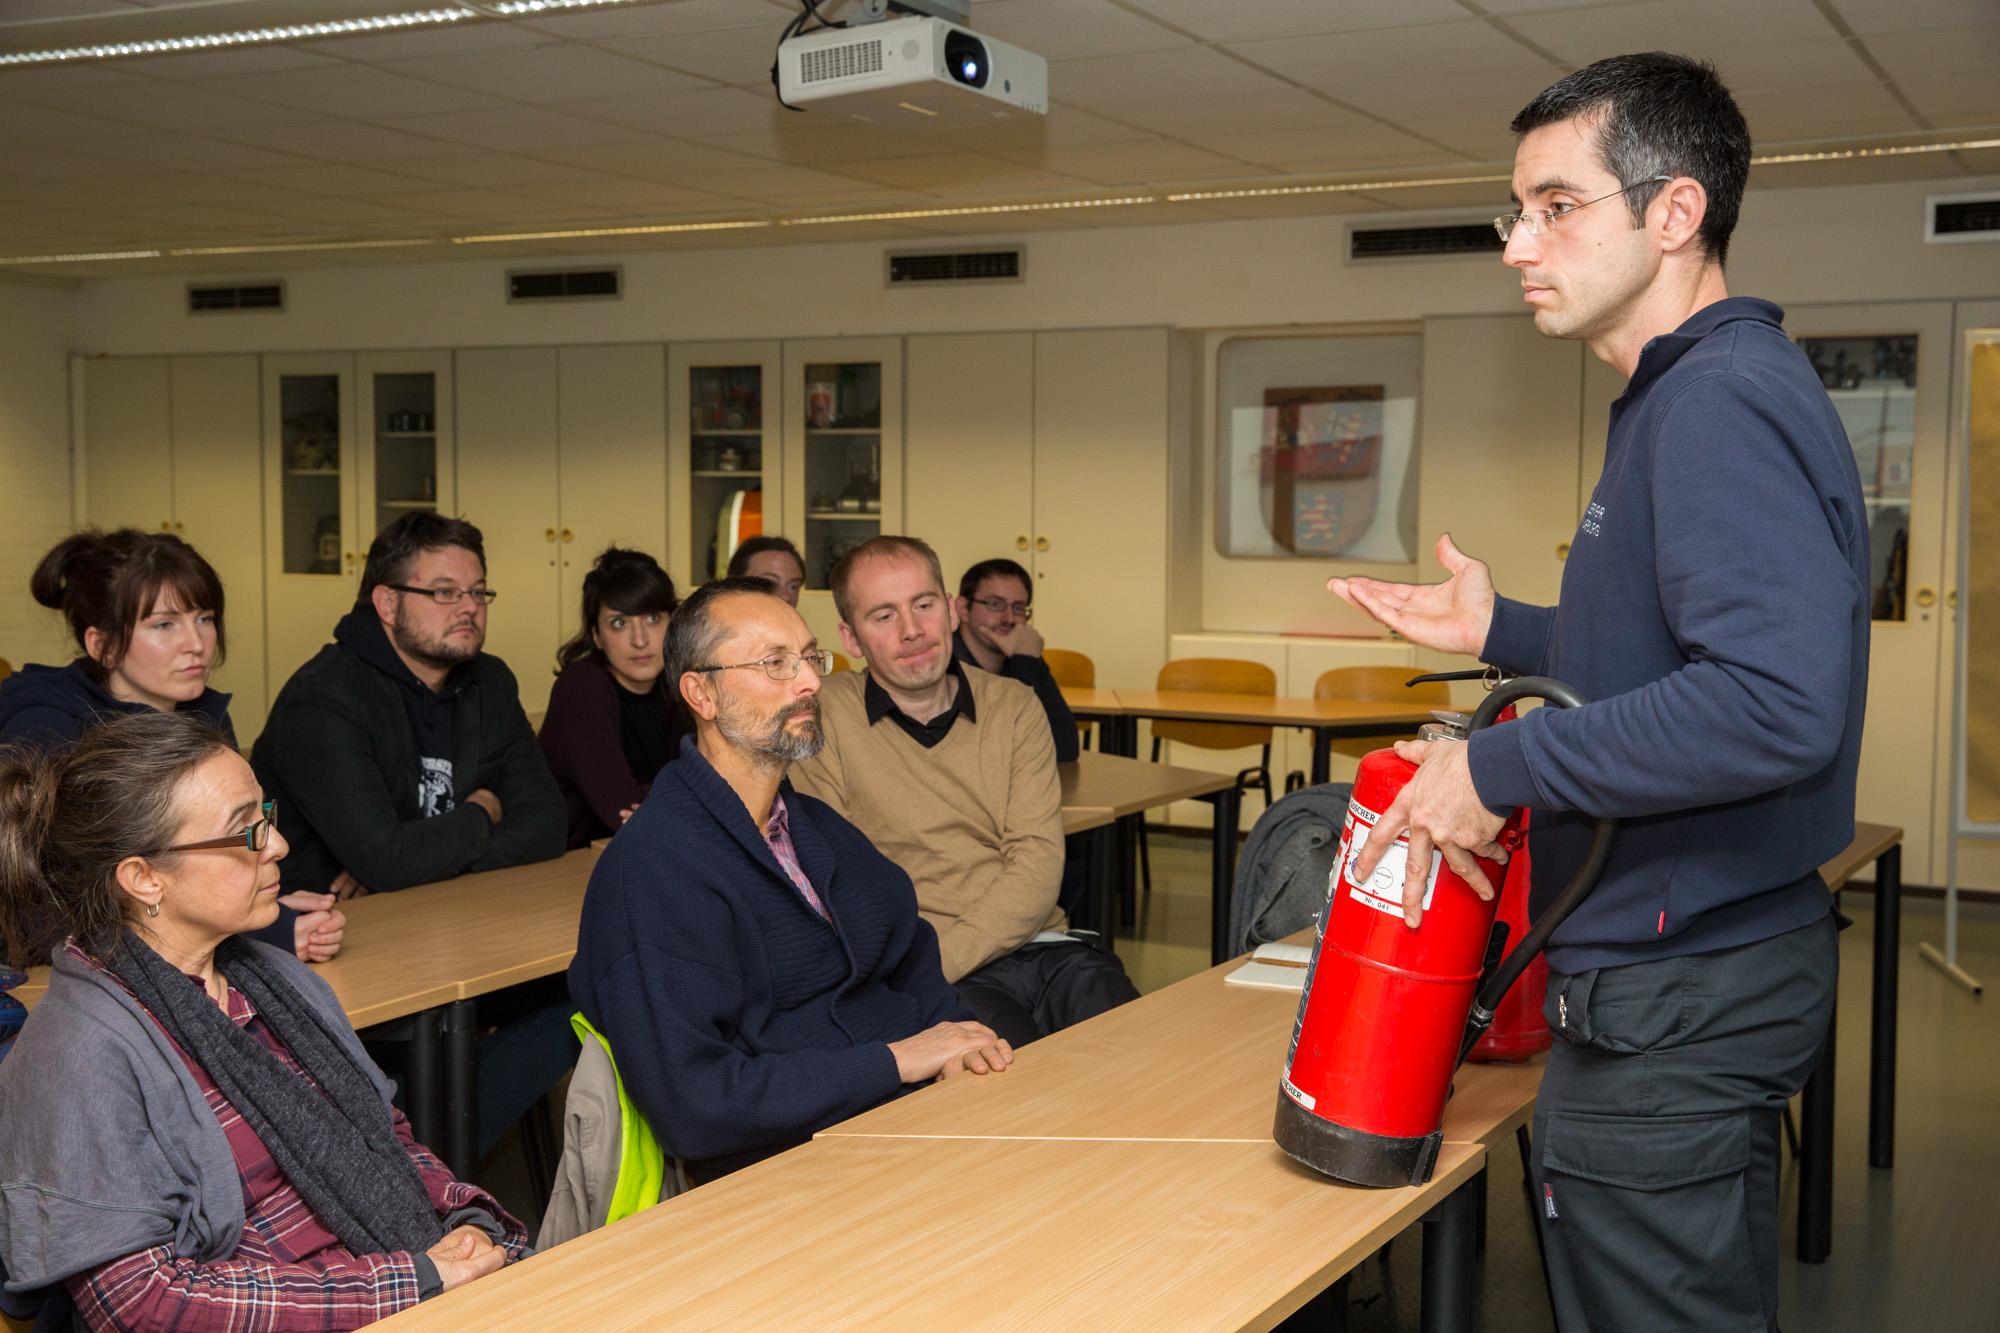 Oberbrandmeister Schmidt erklärt die Benutzung von Feuerlöschern